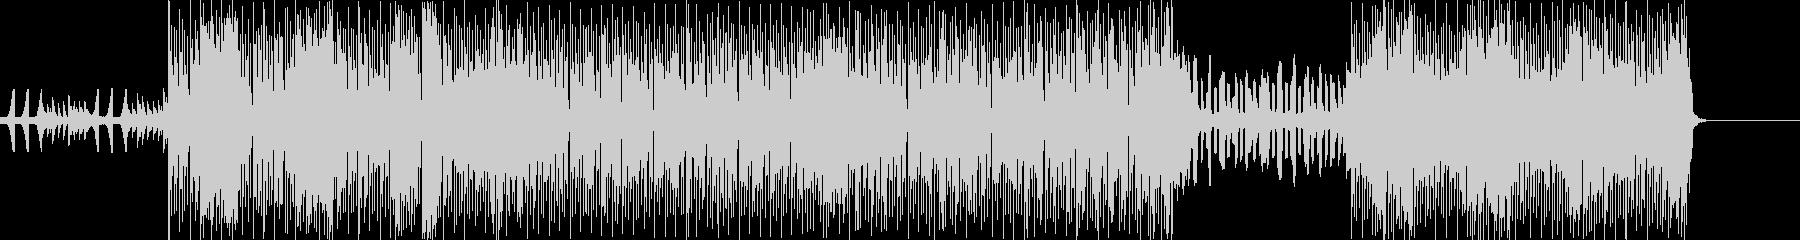 ゲーム音楽風のBGMです。の未再生の波形